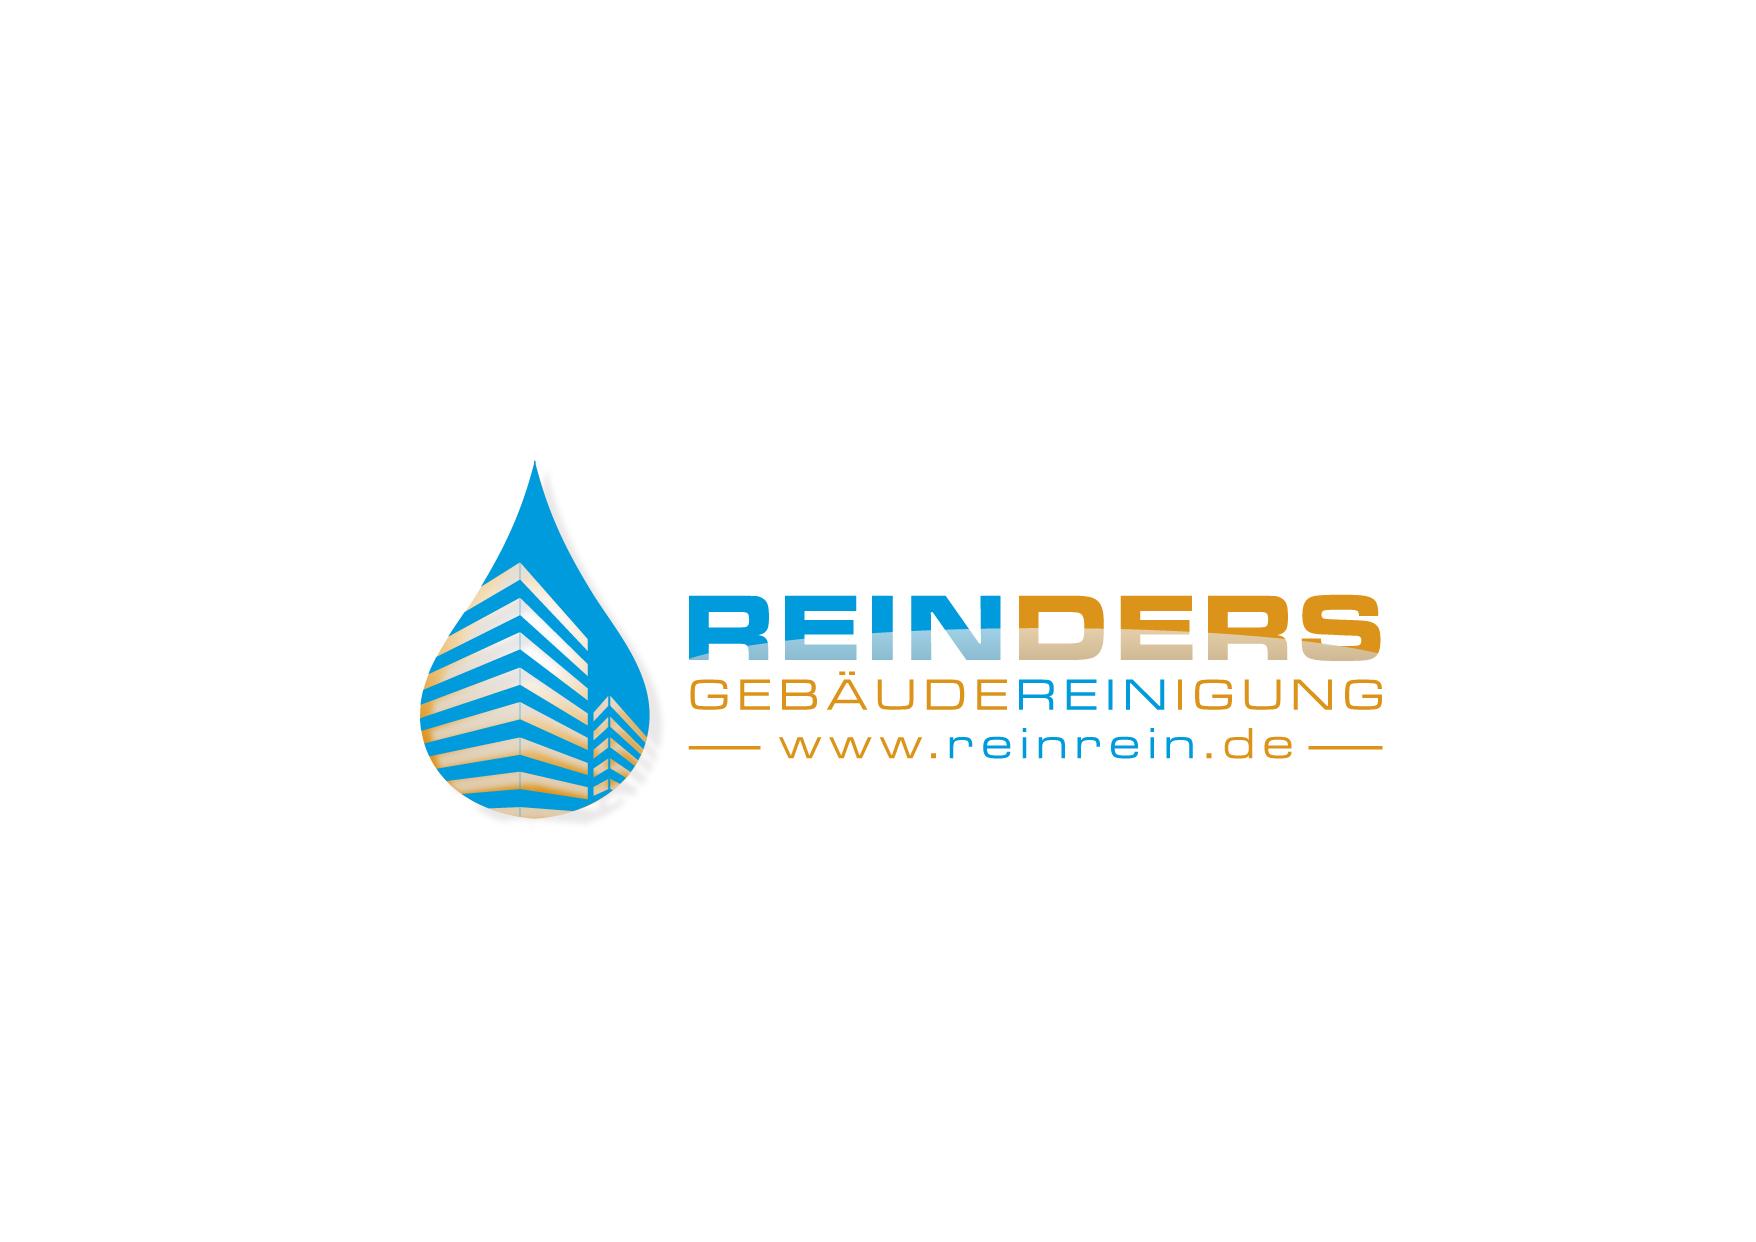 Gebäudereinigung neues Logo